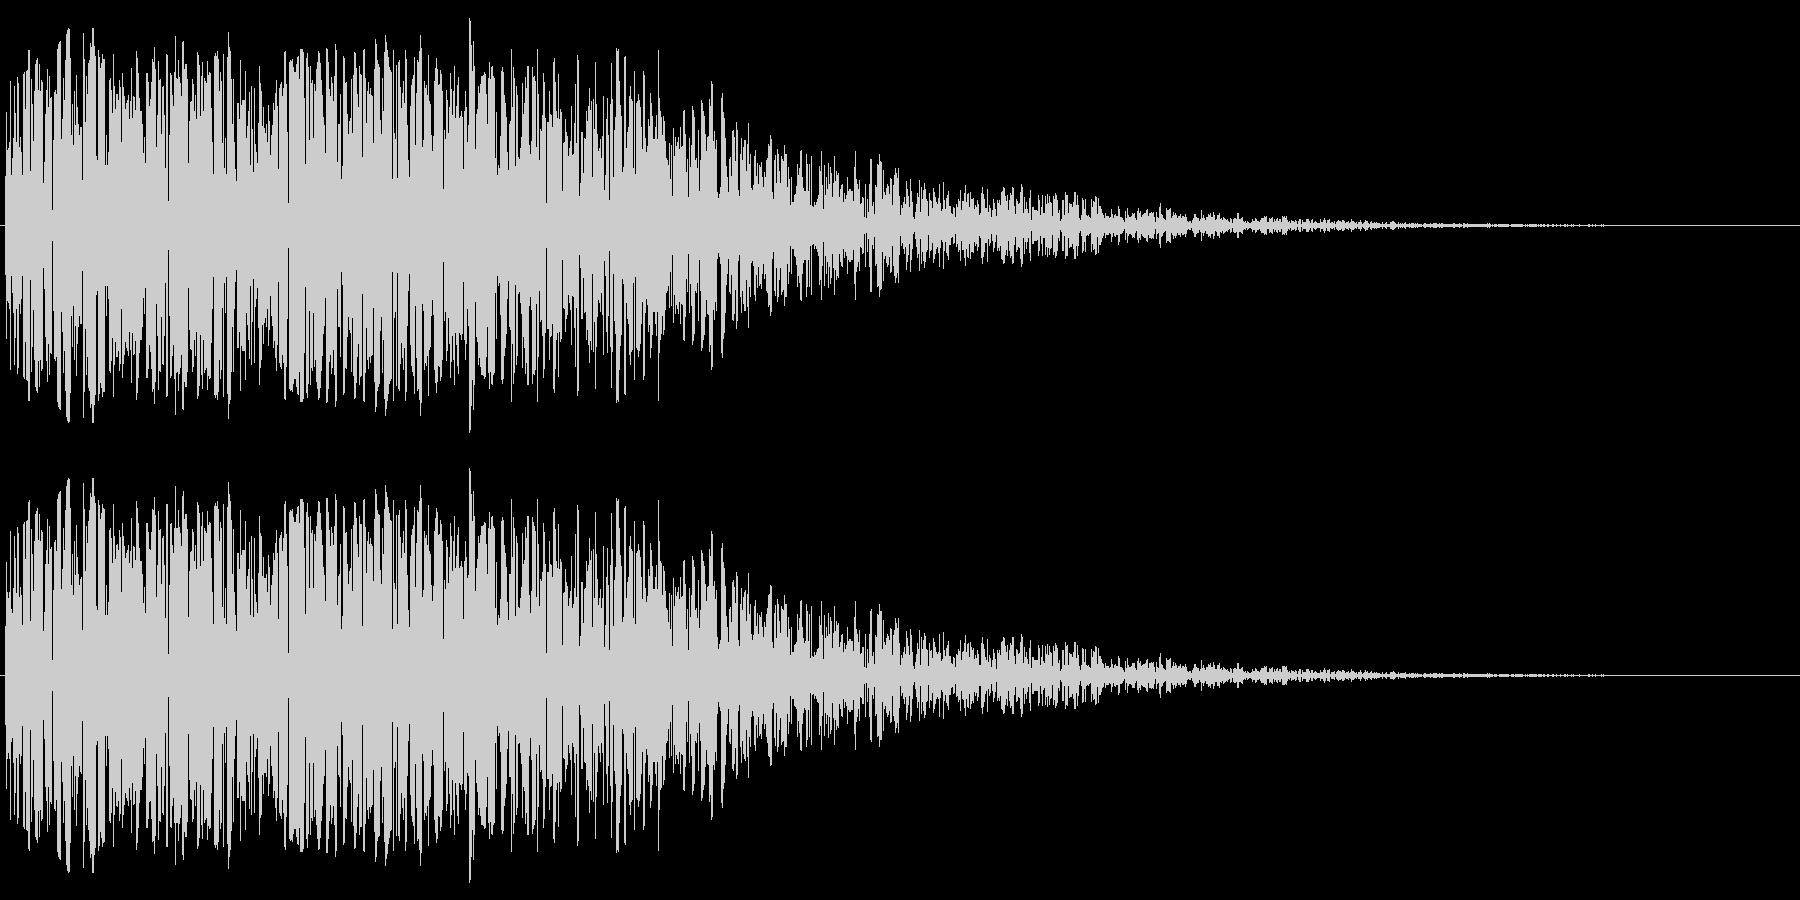 昭和の特撮にありそうな衝撃音(ドーン)の未再生の波形